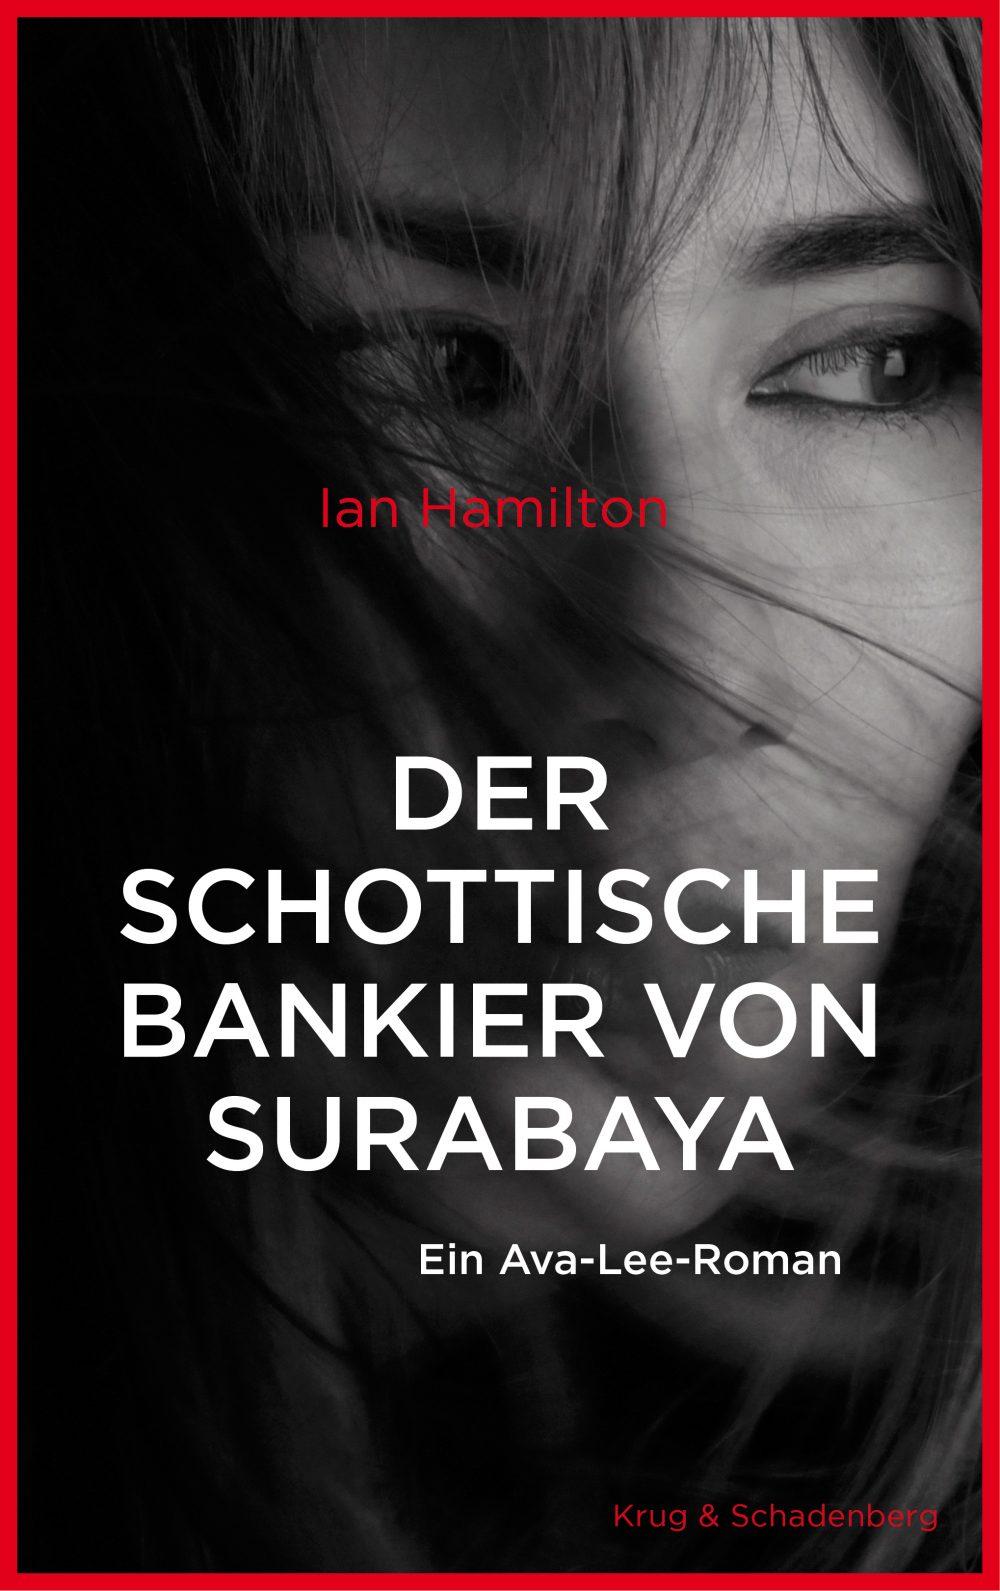 »Der schottische Bankier von Surabaya« – ein Ava-Lee-Roman von Ian Hamilton